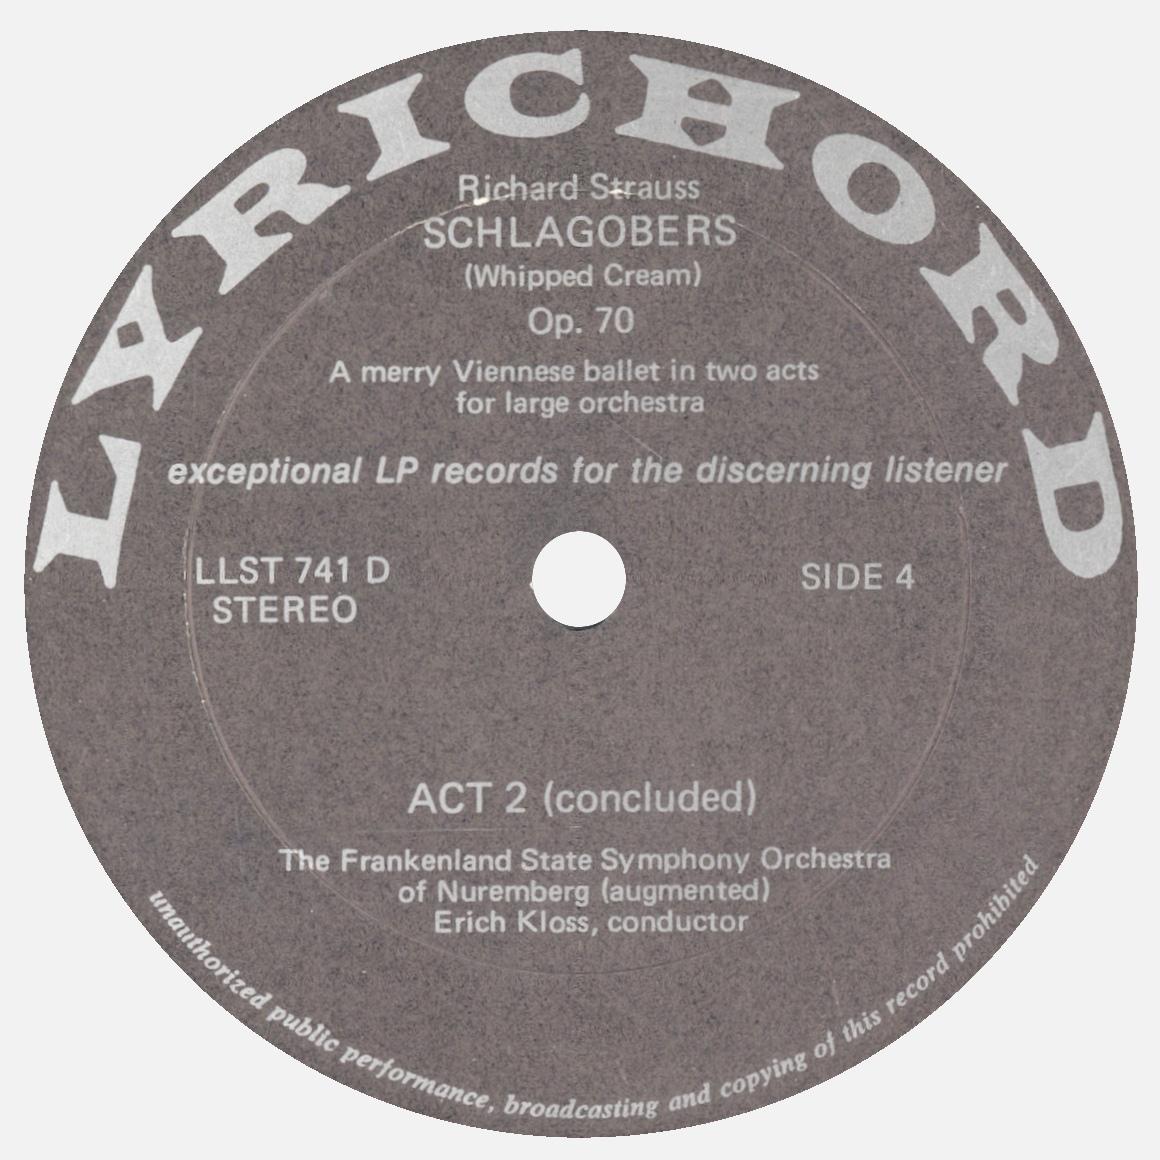 Étiquette verso du 2e disque de l'album Lyrichord LLST 741